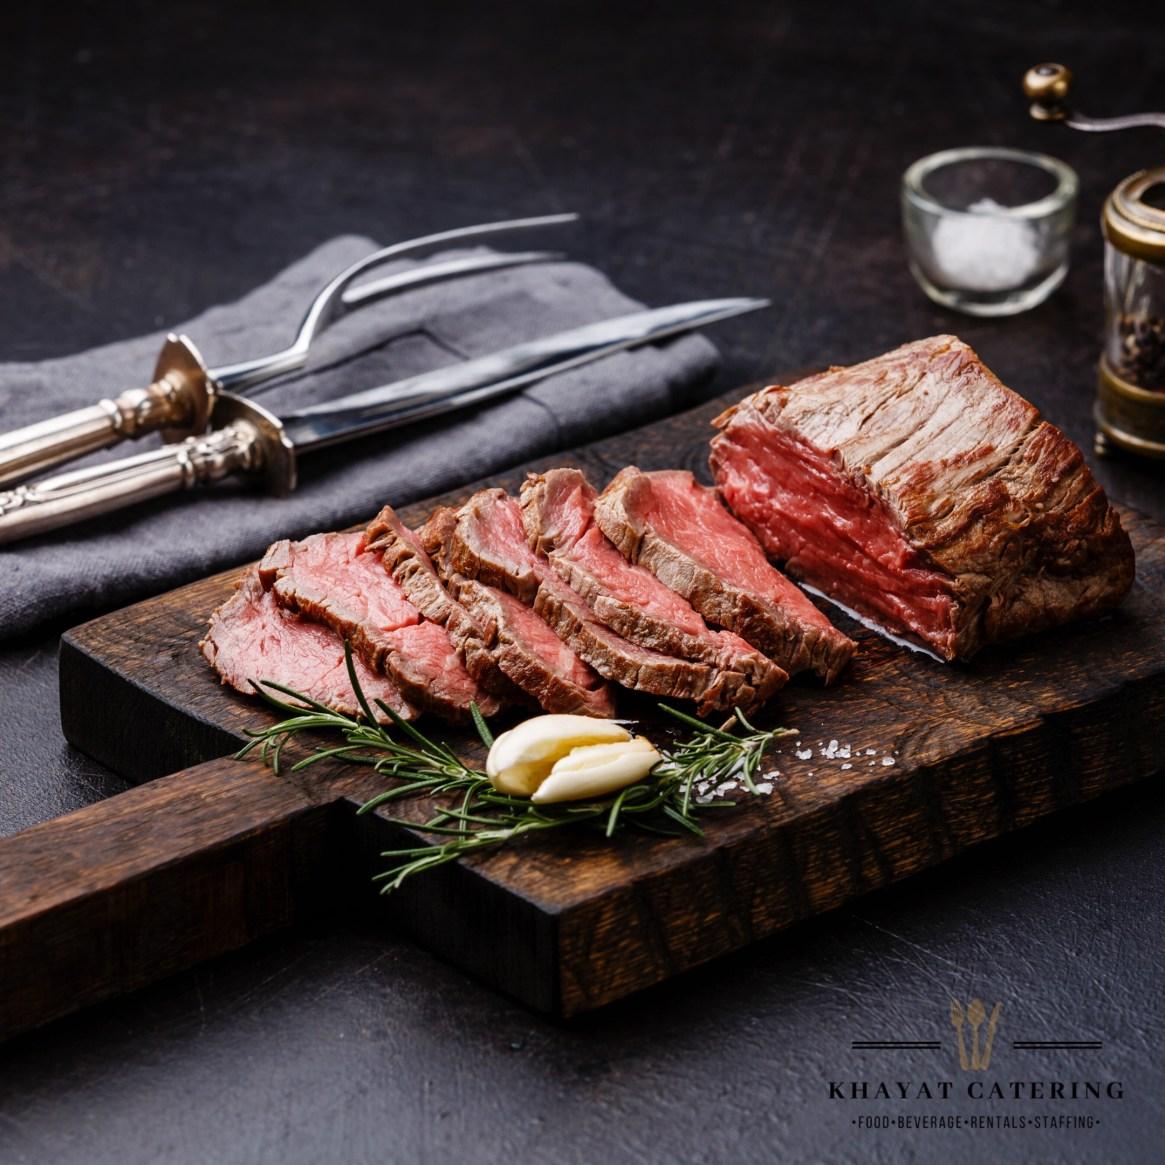 Khayat Catering usda prime beef tenderloin